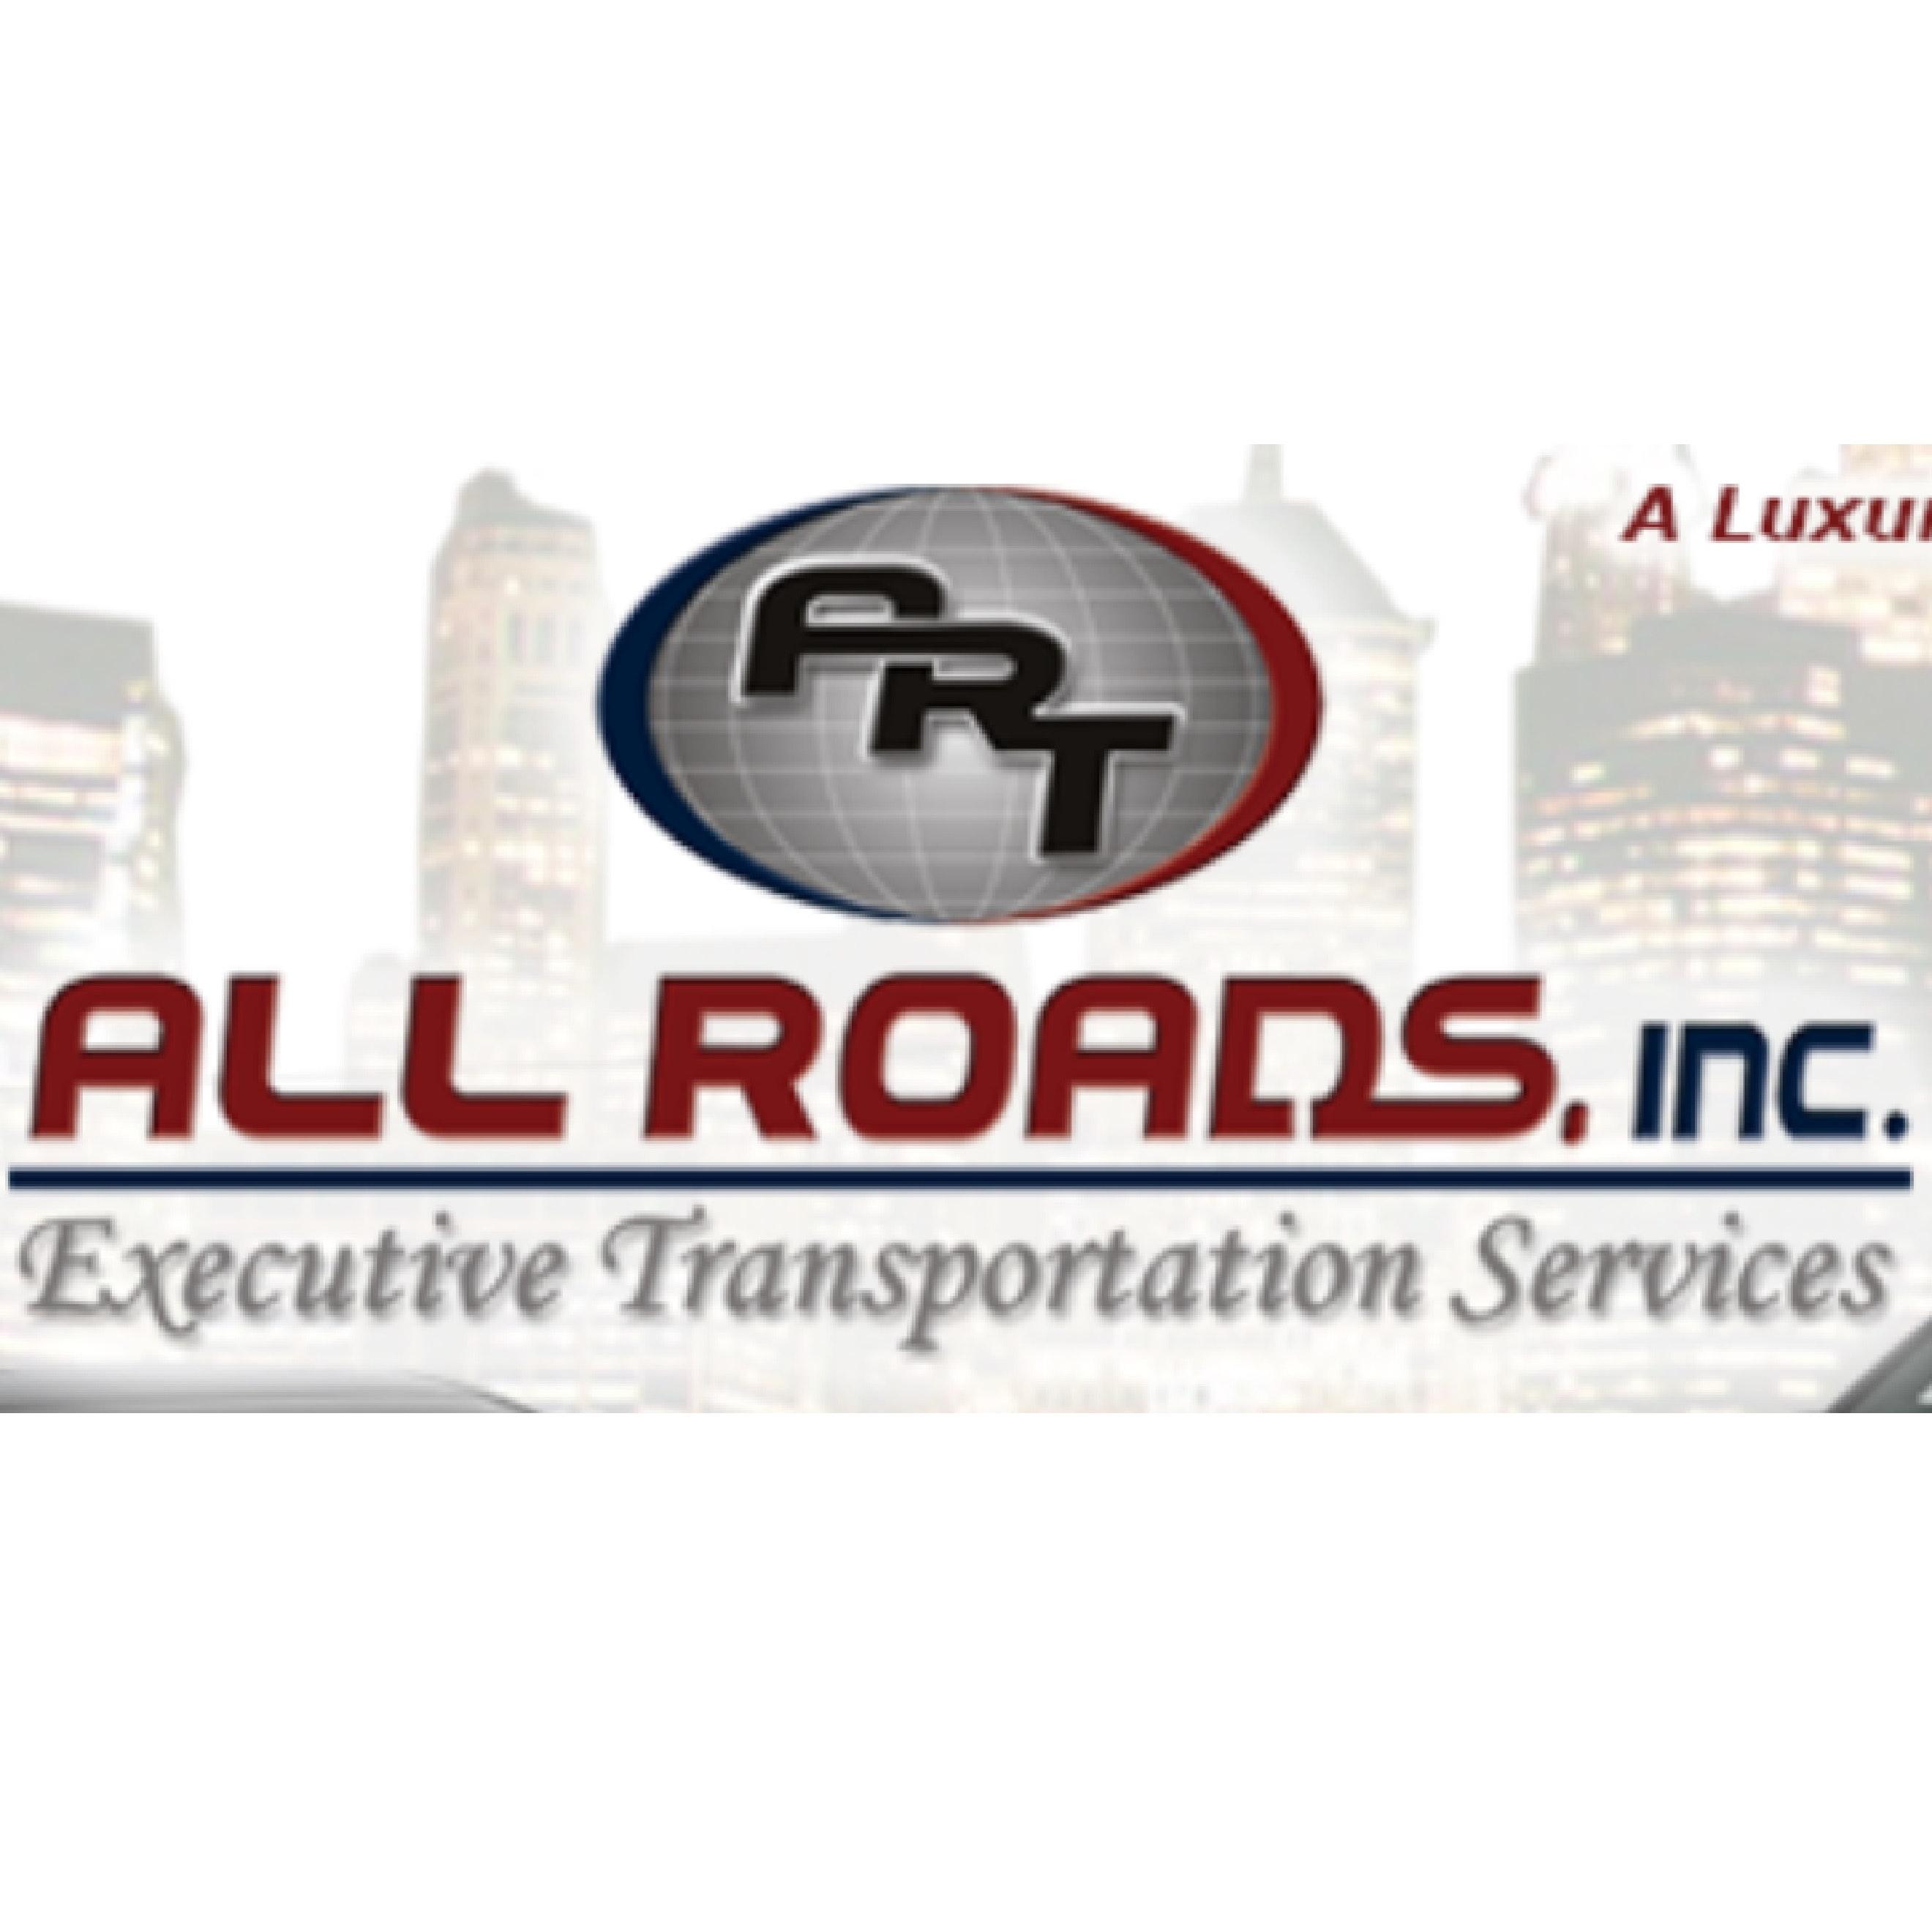 All Roads, Inc.